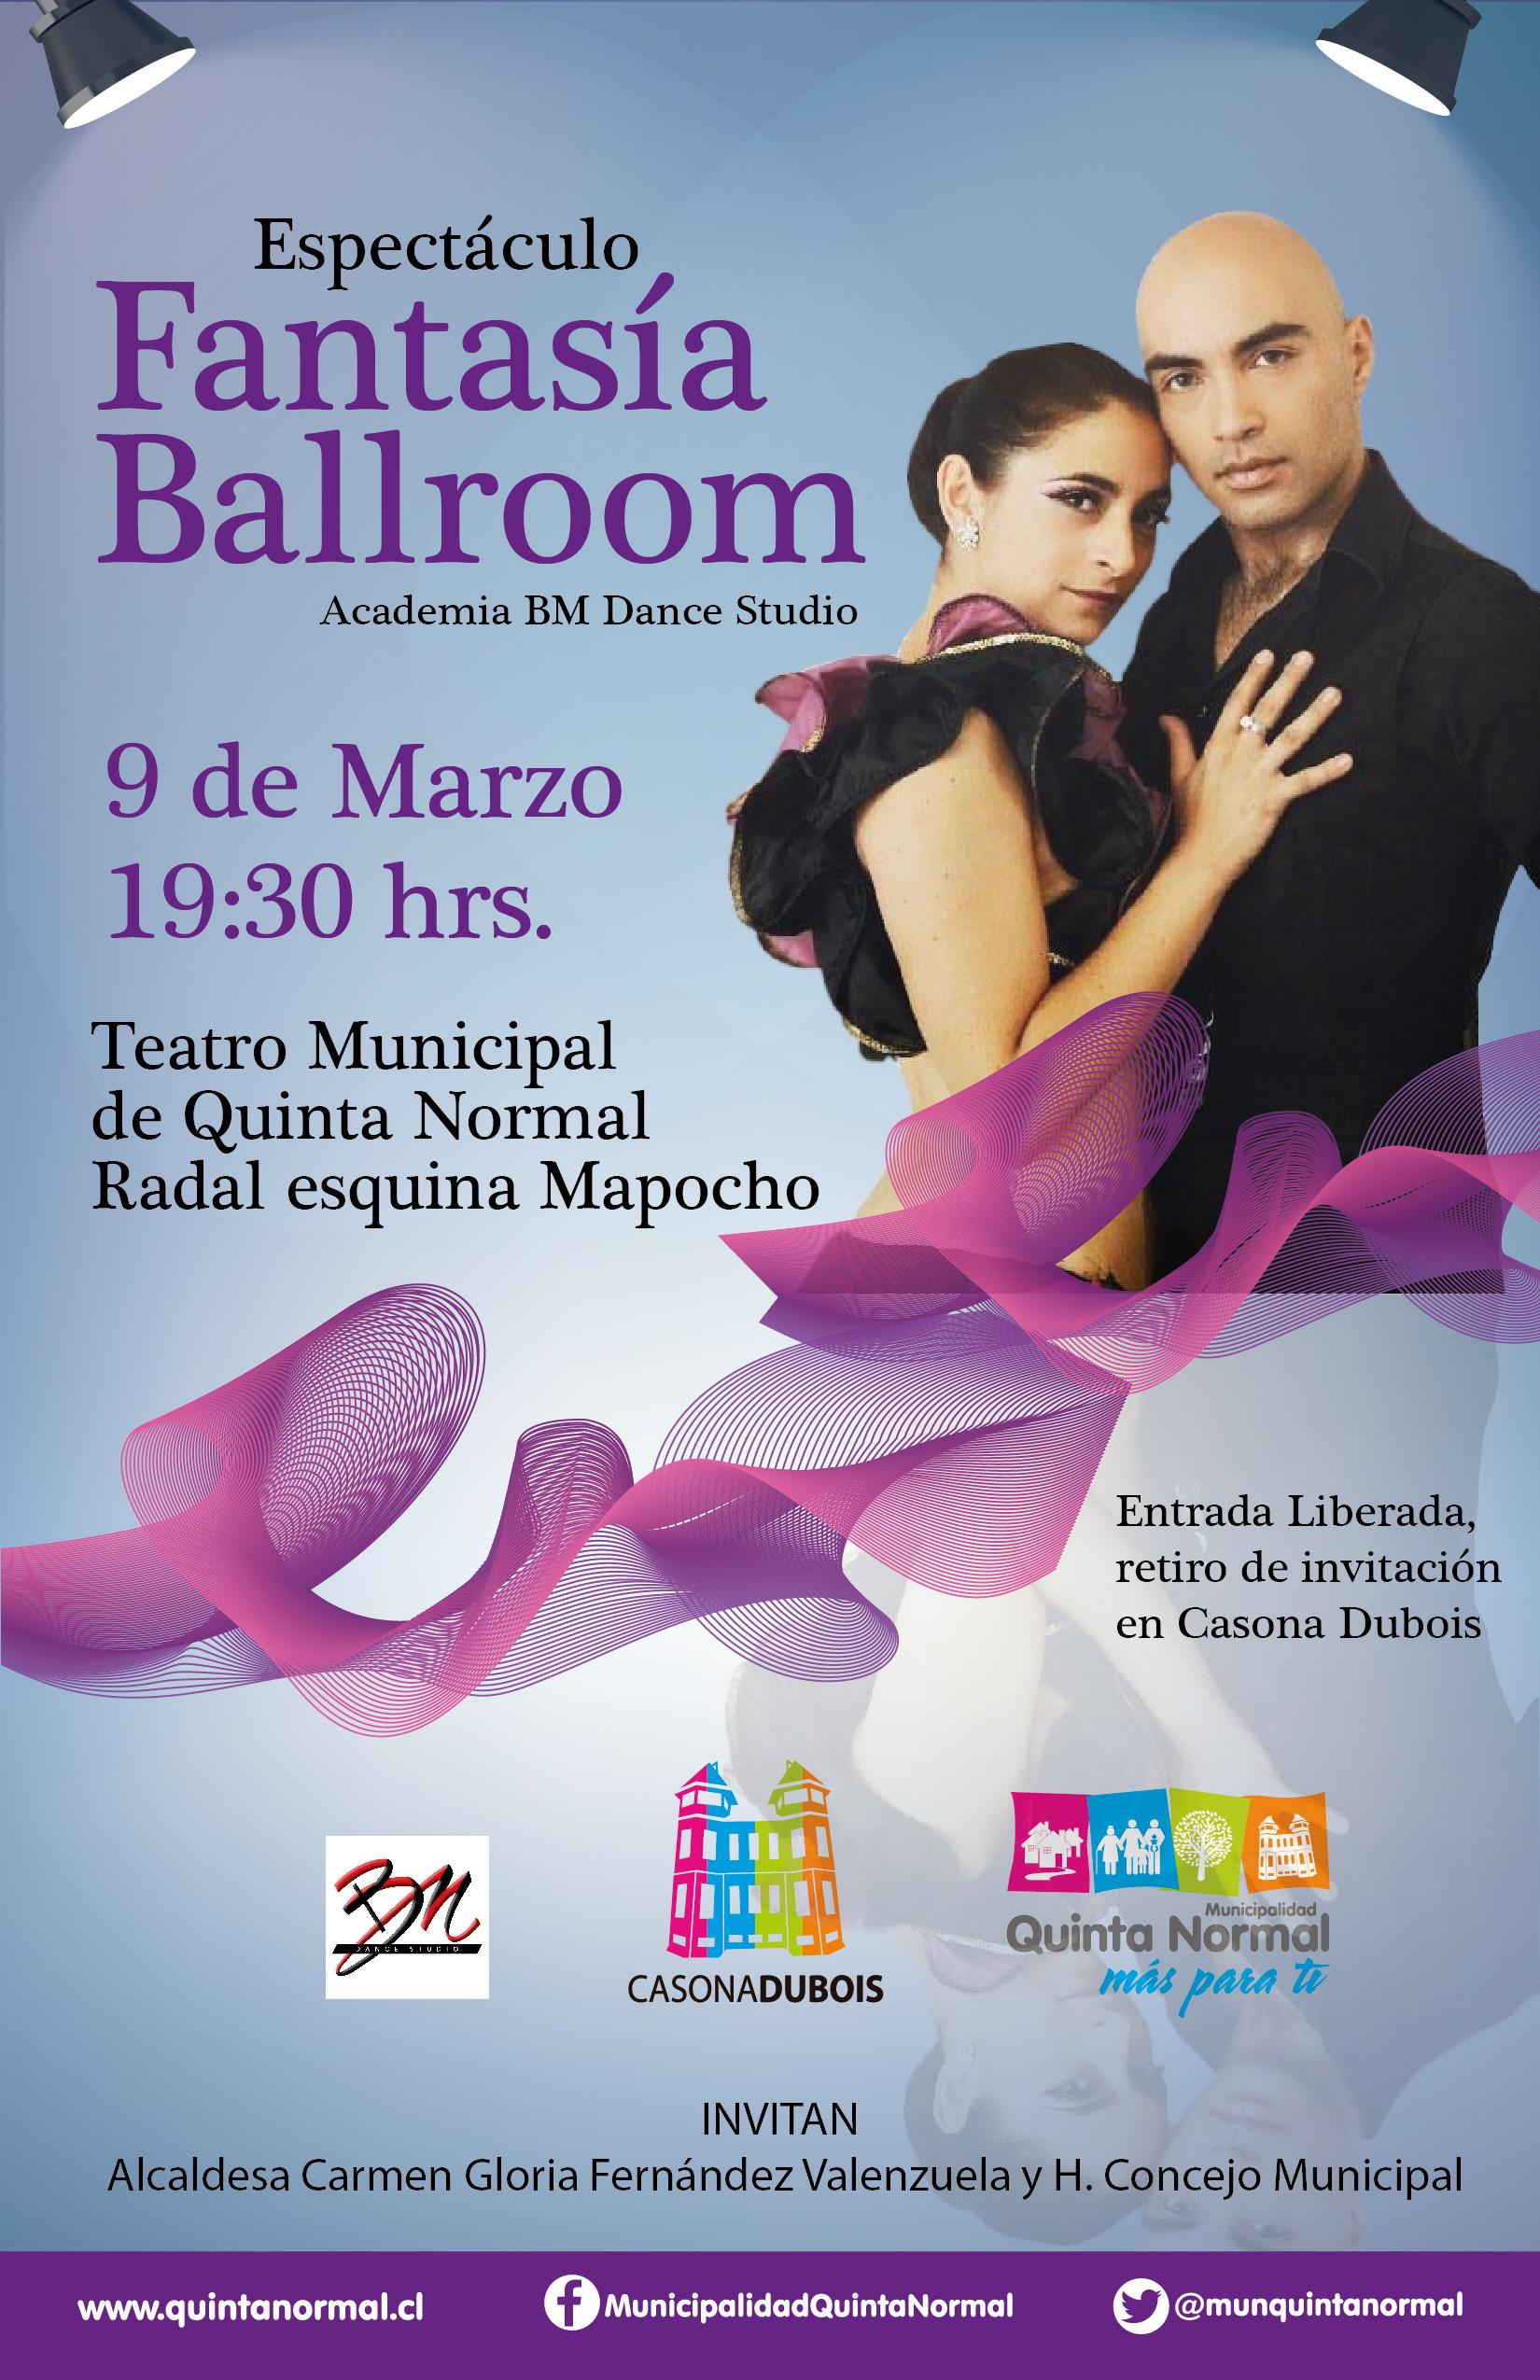 Espectáculo de Ballroom, 9 de marzo, 19:30 hrs.